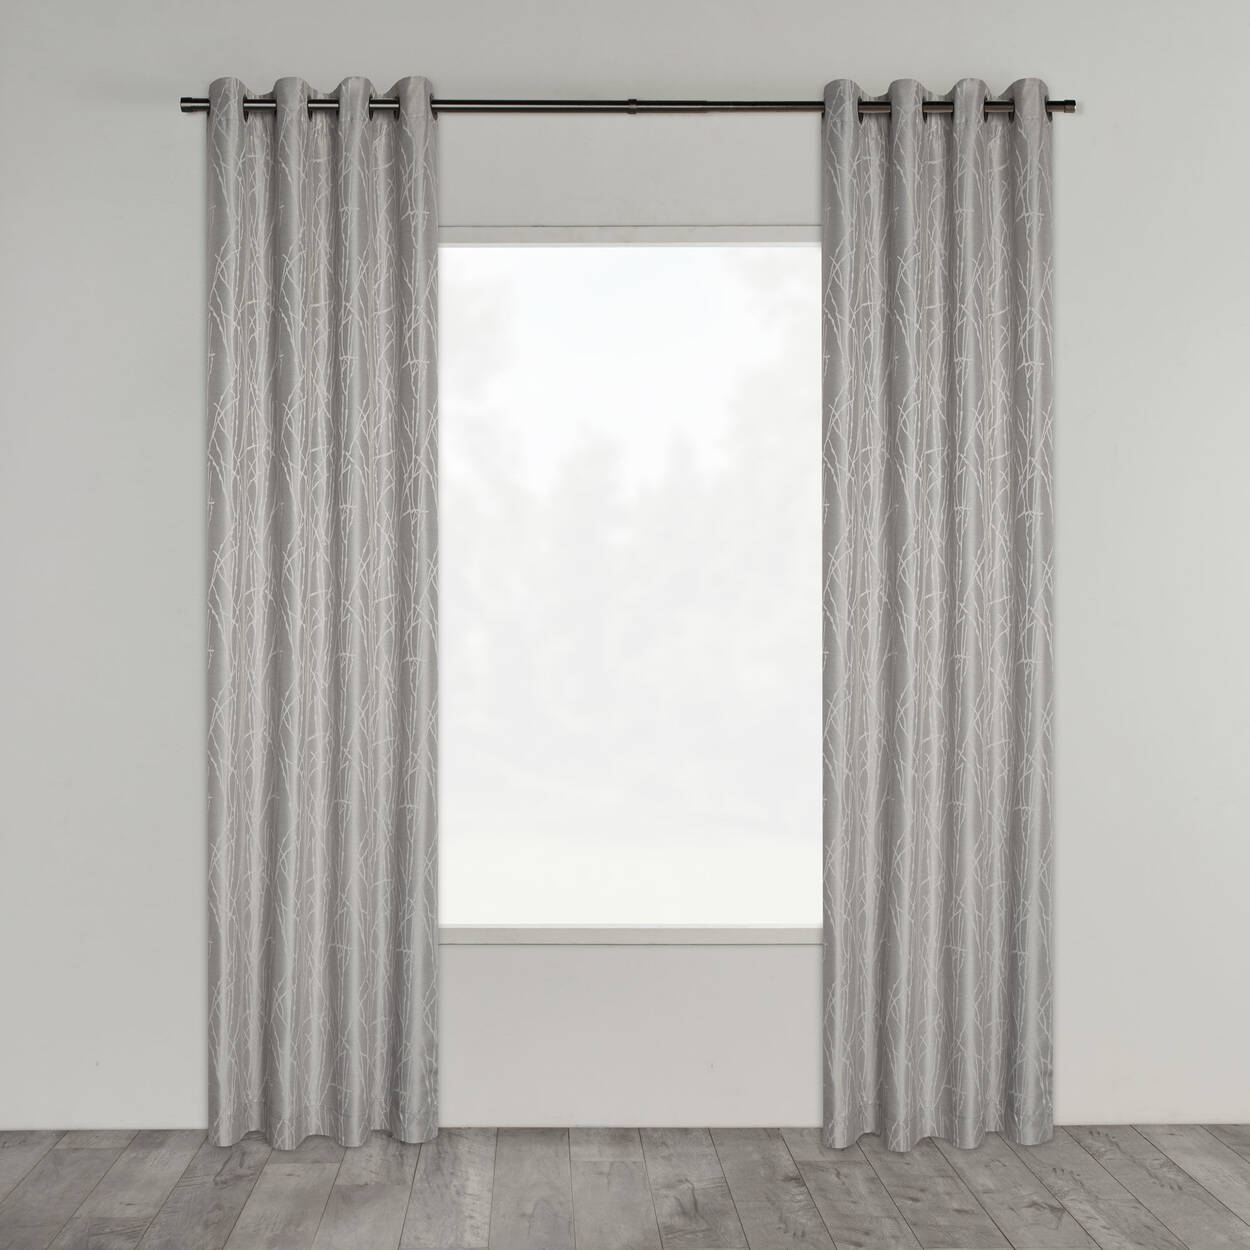 Naldo Panel Curtain